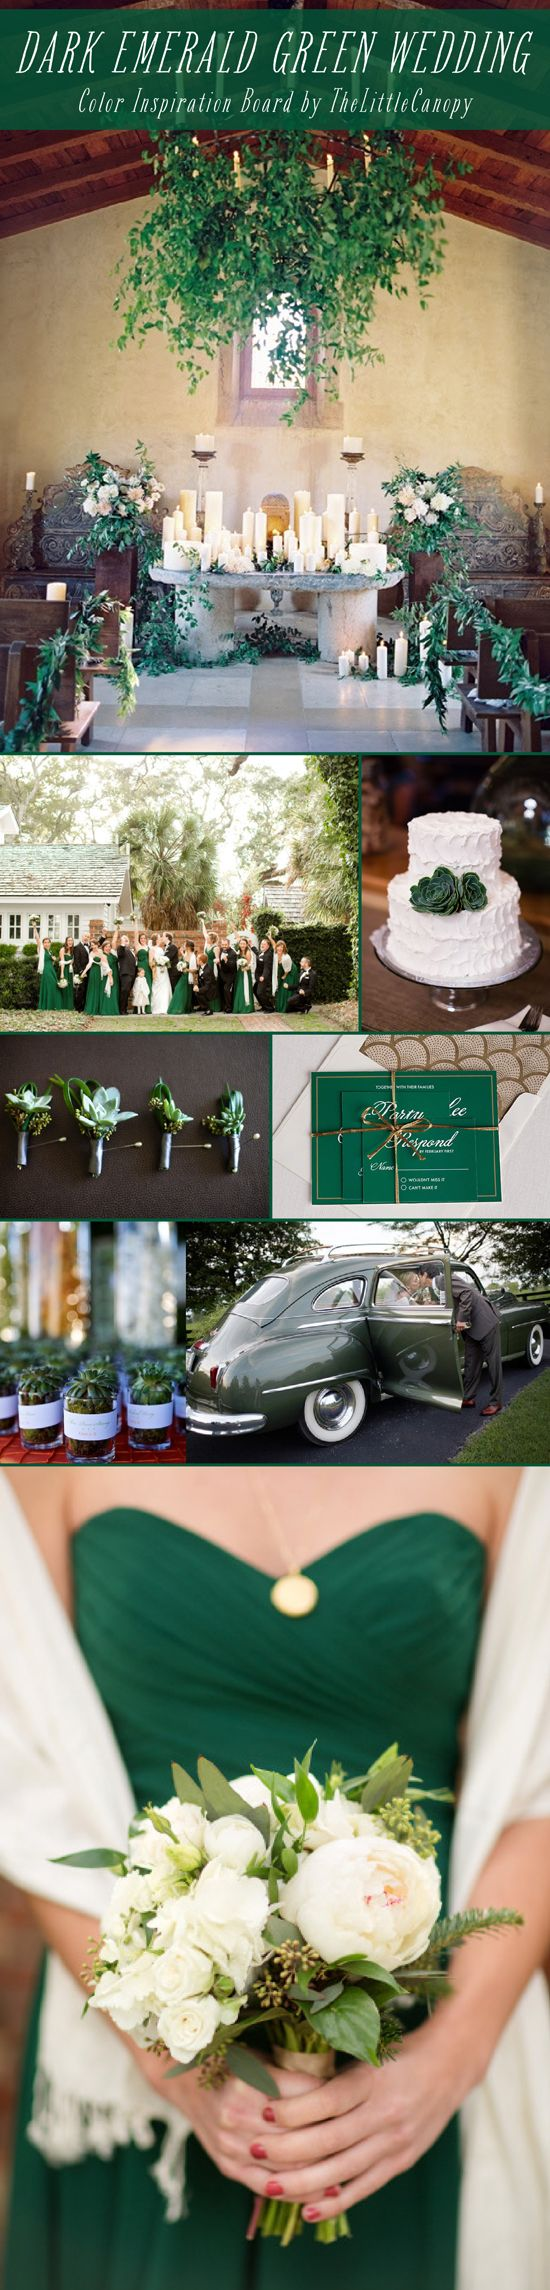 The Little Canopy – Artsy Weddings, Indie Weddings, Vintage Weddings, DIY Weddings » Inspiration Boards                                                                                                                                                                                 More